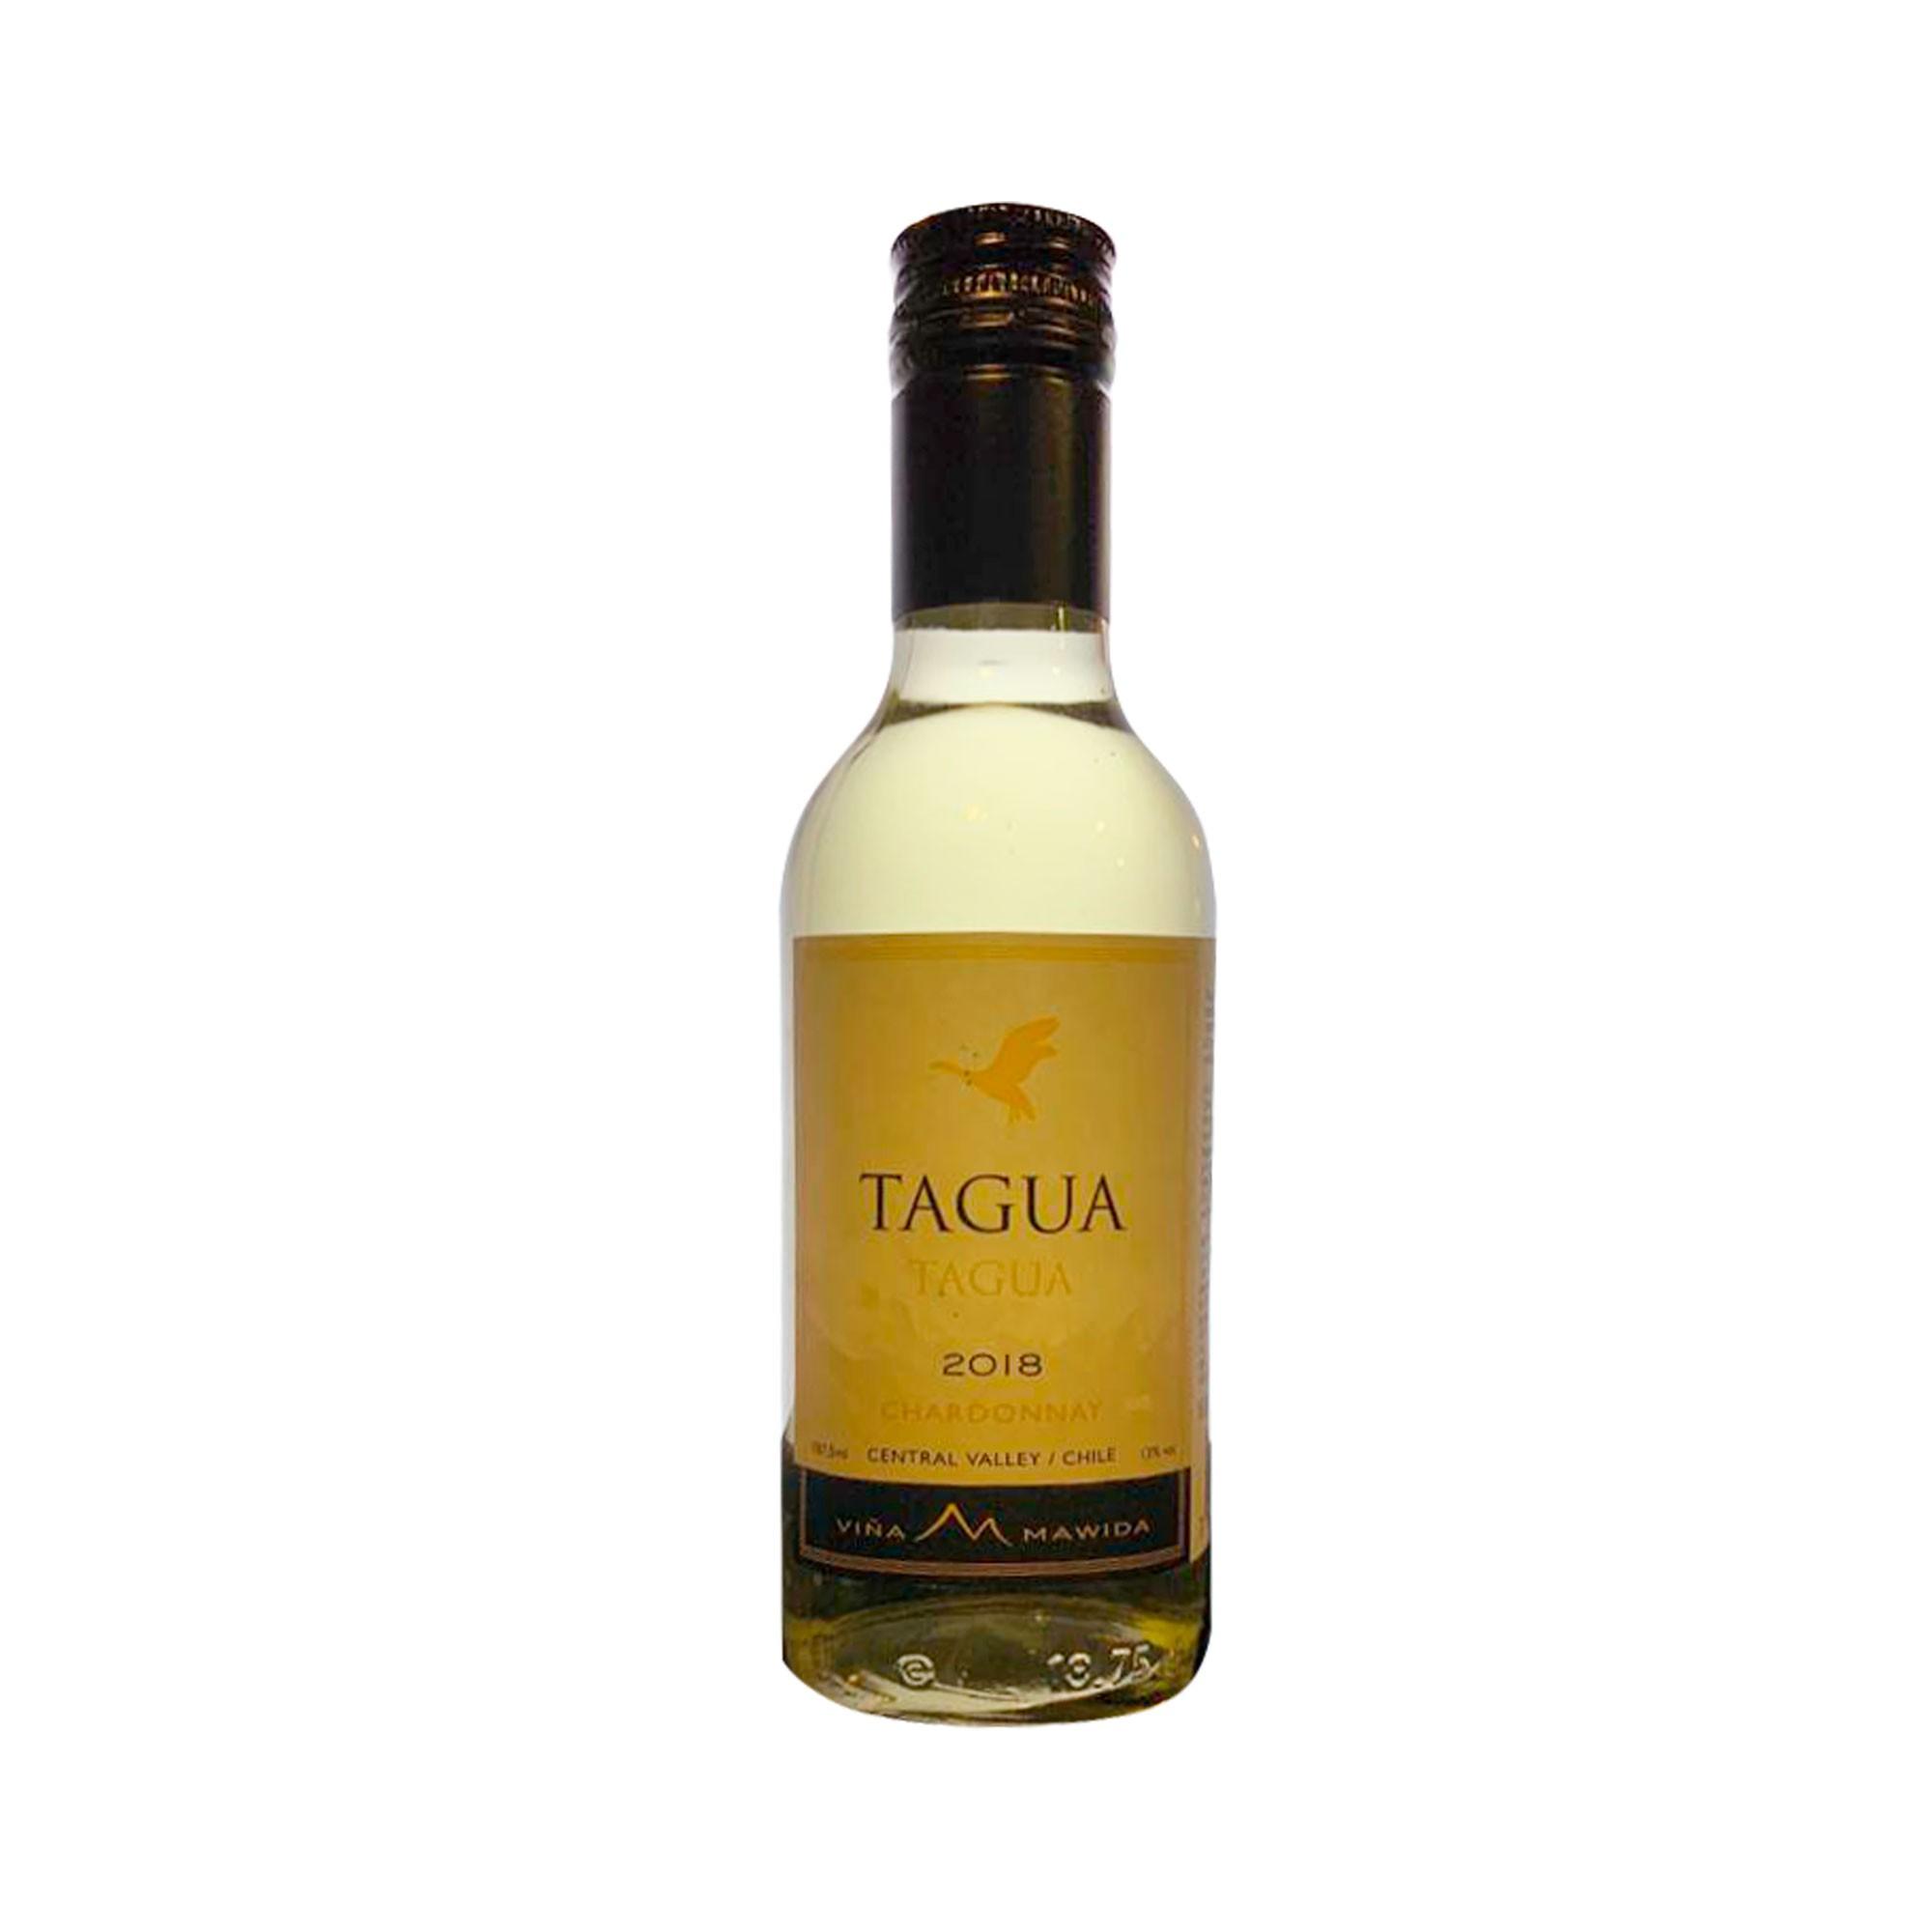 Vinho Tagua Tagua Chardonnay 2018 187ml